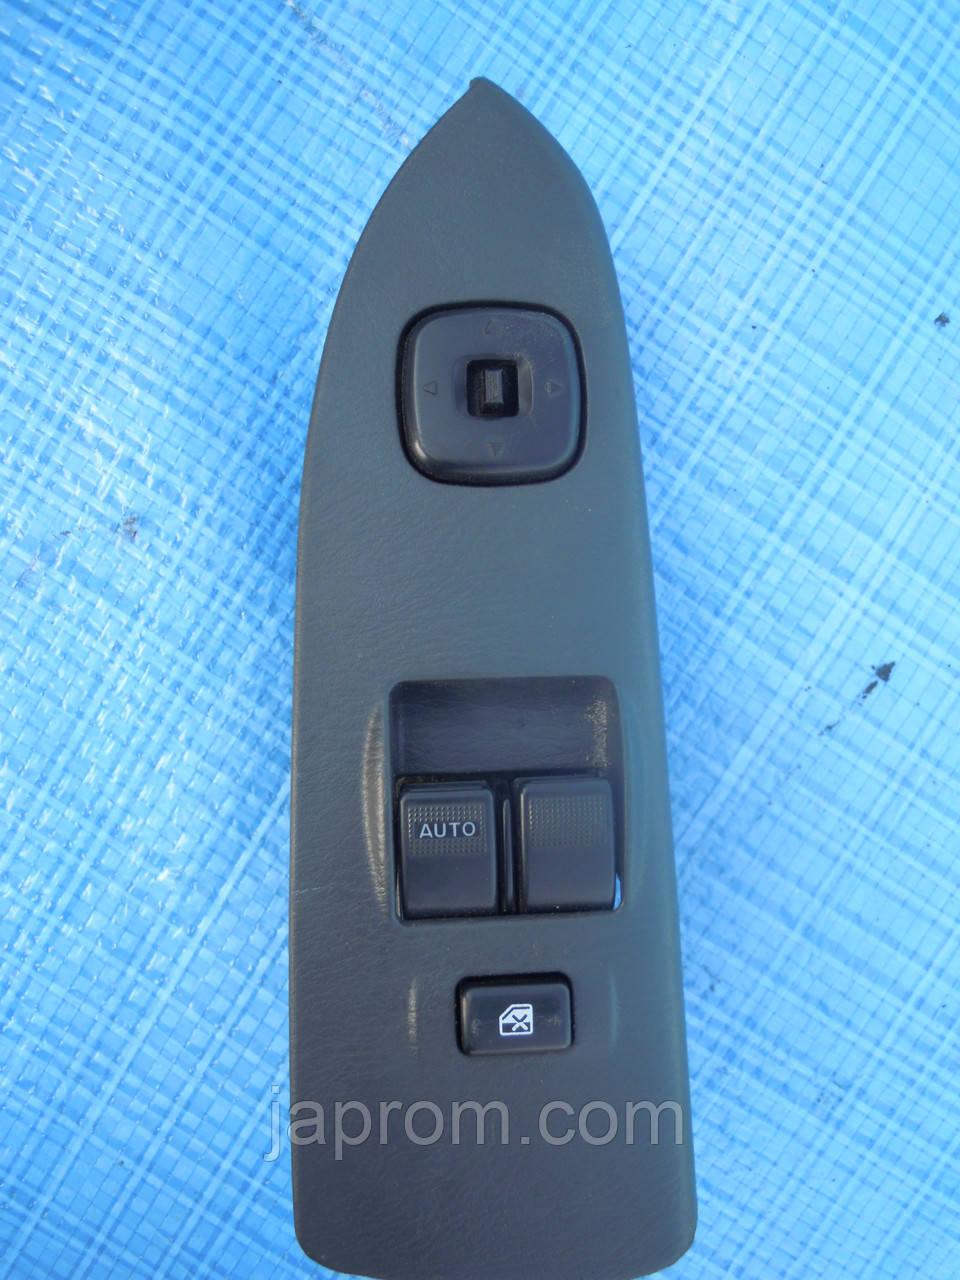 Блок кнопок стеклоподъемников и регулировки зеркал(на 2дв) Mazda 323 BJ 626 GF Premacy Рестайл